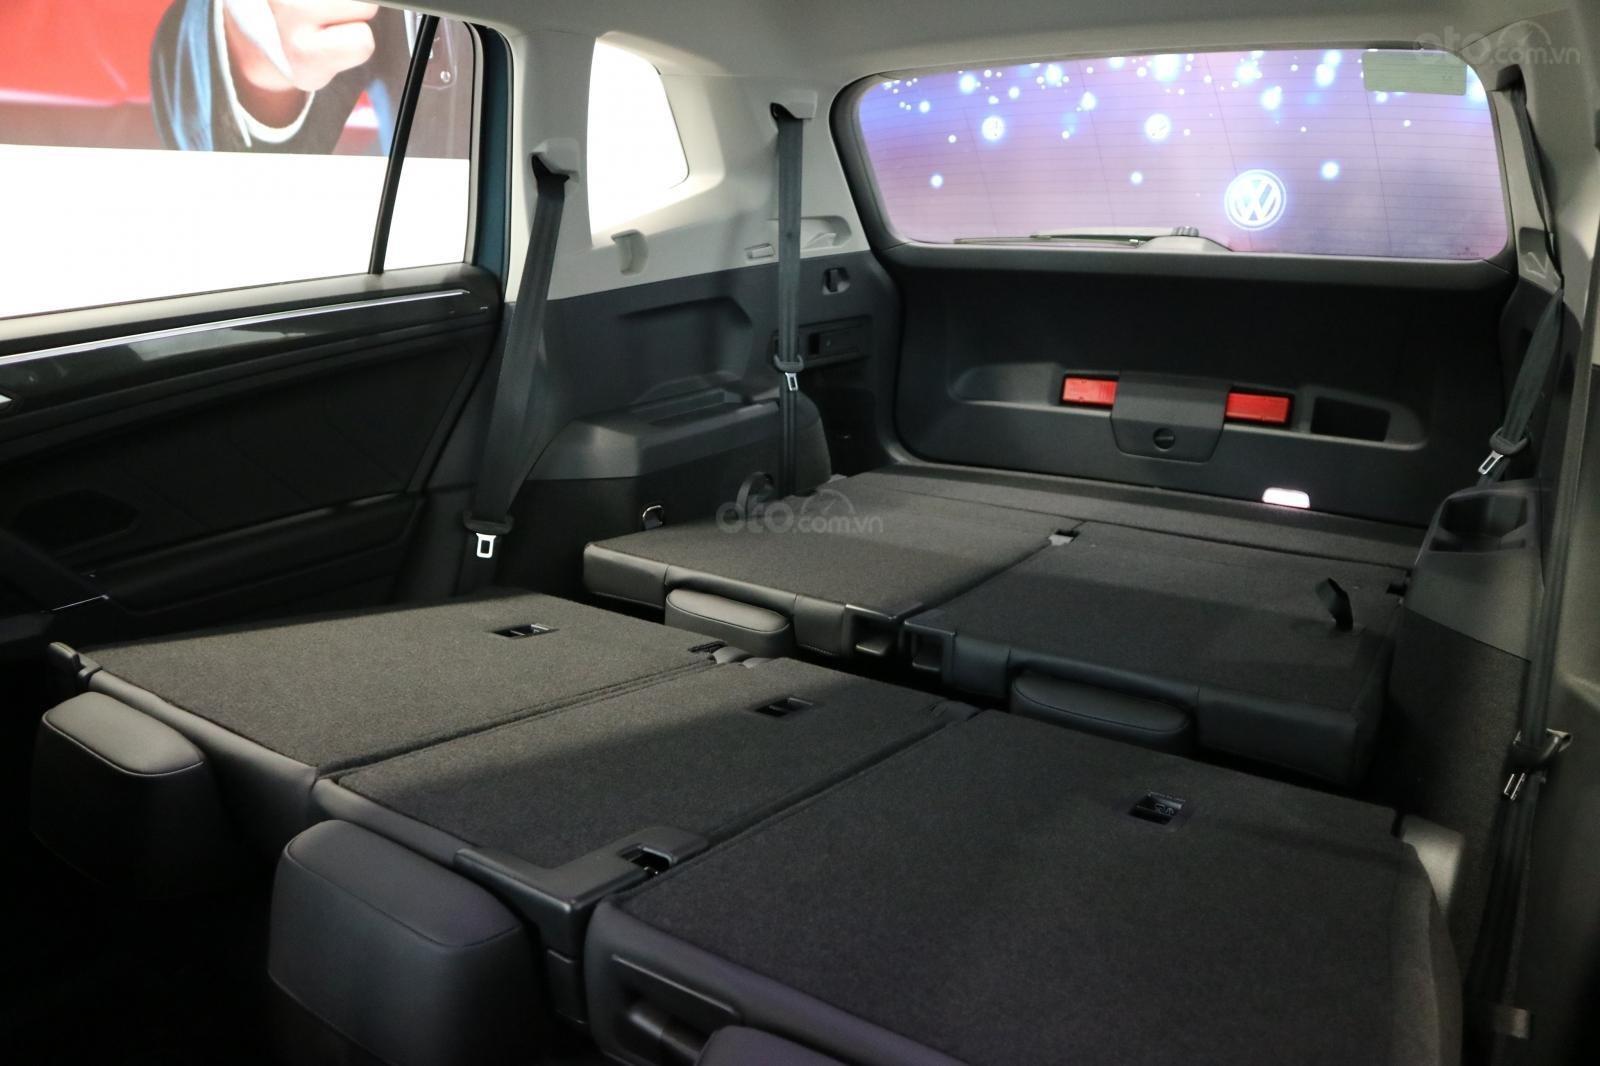 Xe SUV nhập khẩu 7 chỗ dành cho gia đình - VW Tiguan Luxury, màu xanh độc lạ - xe nhập - giảm 120tr (12)